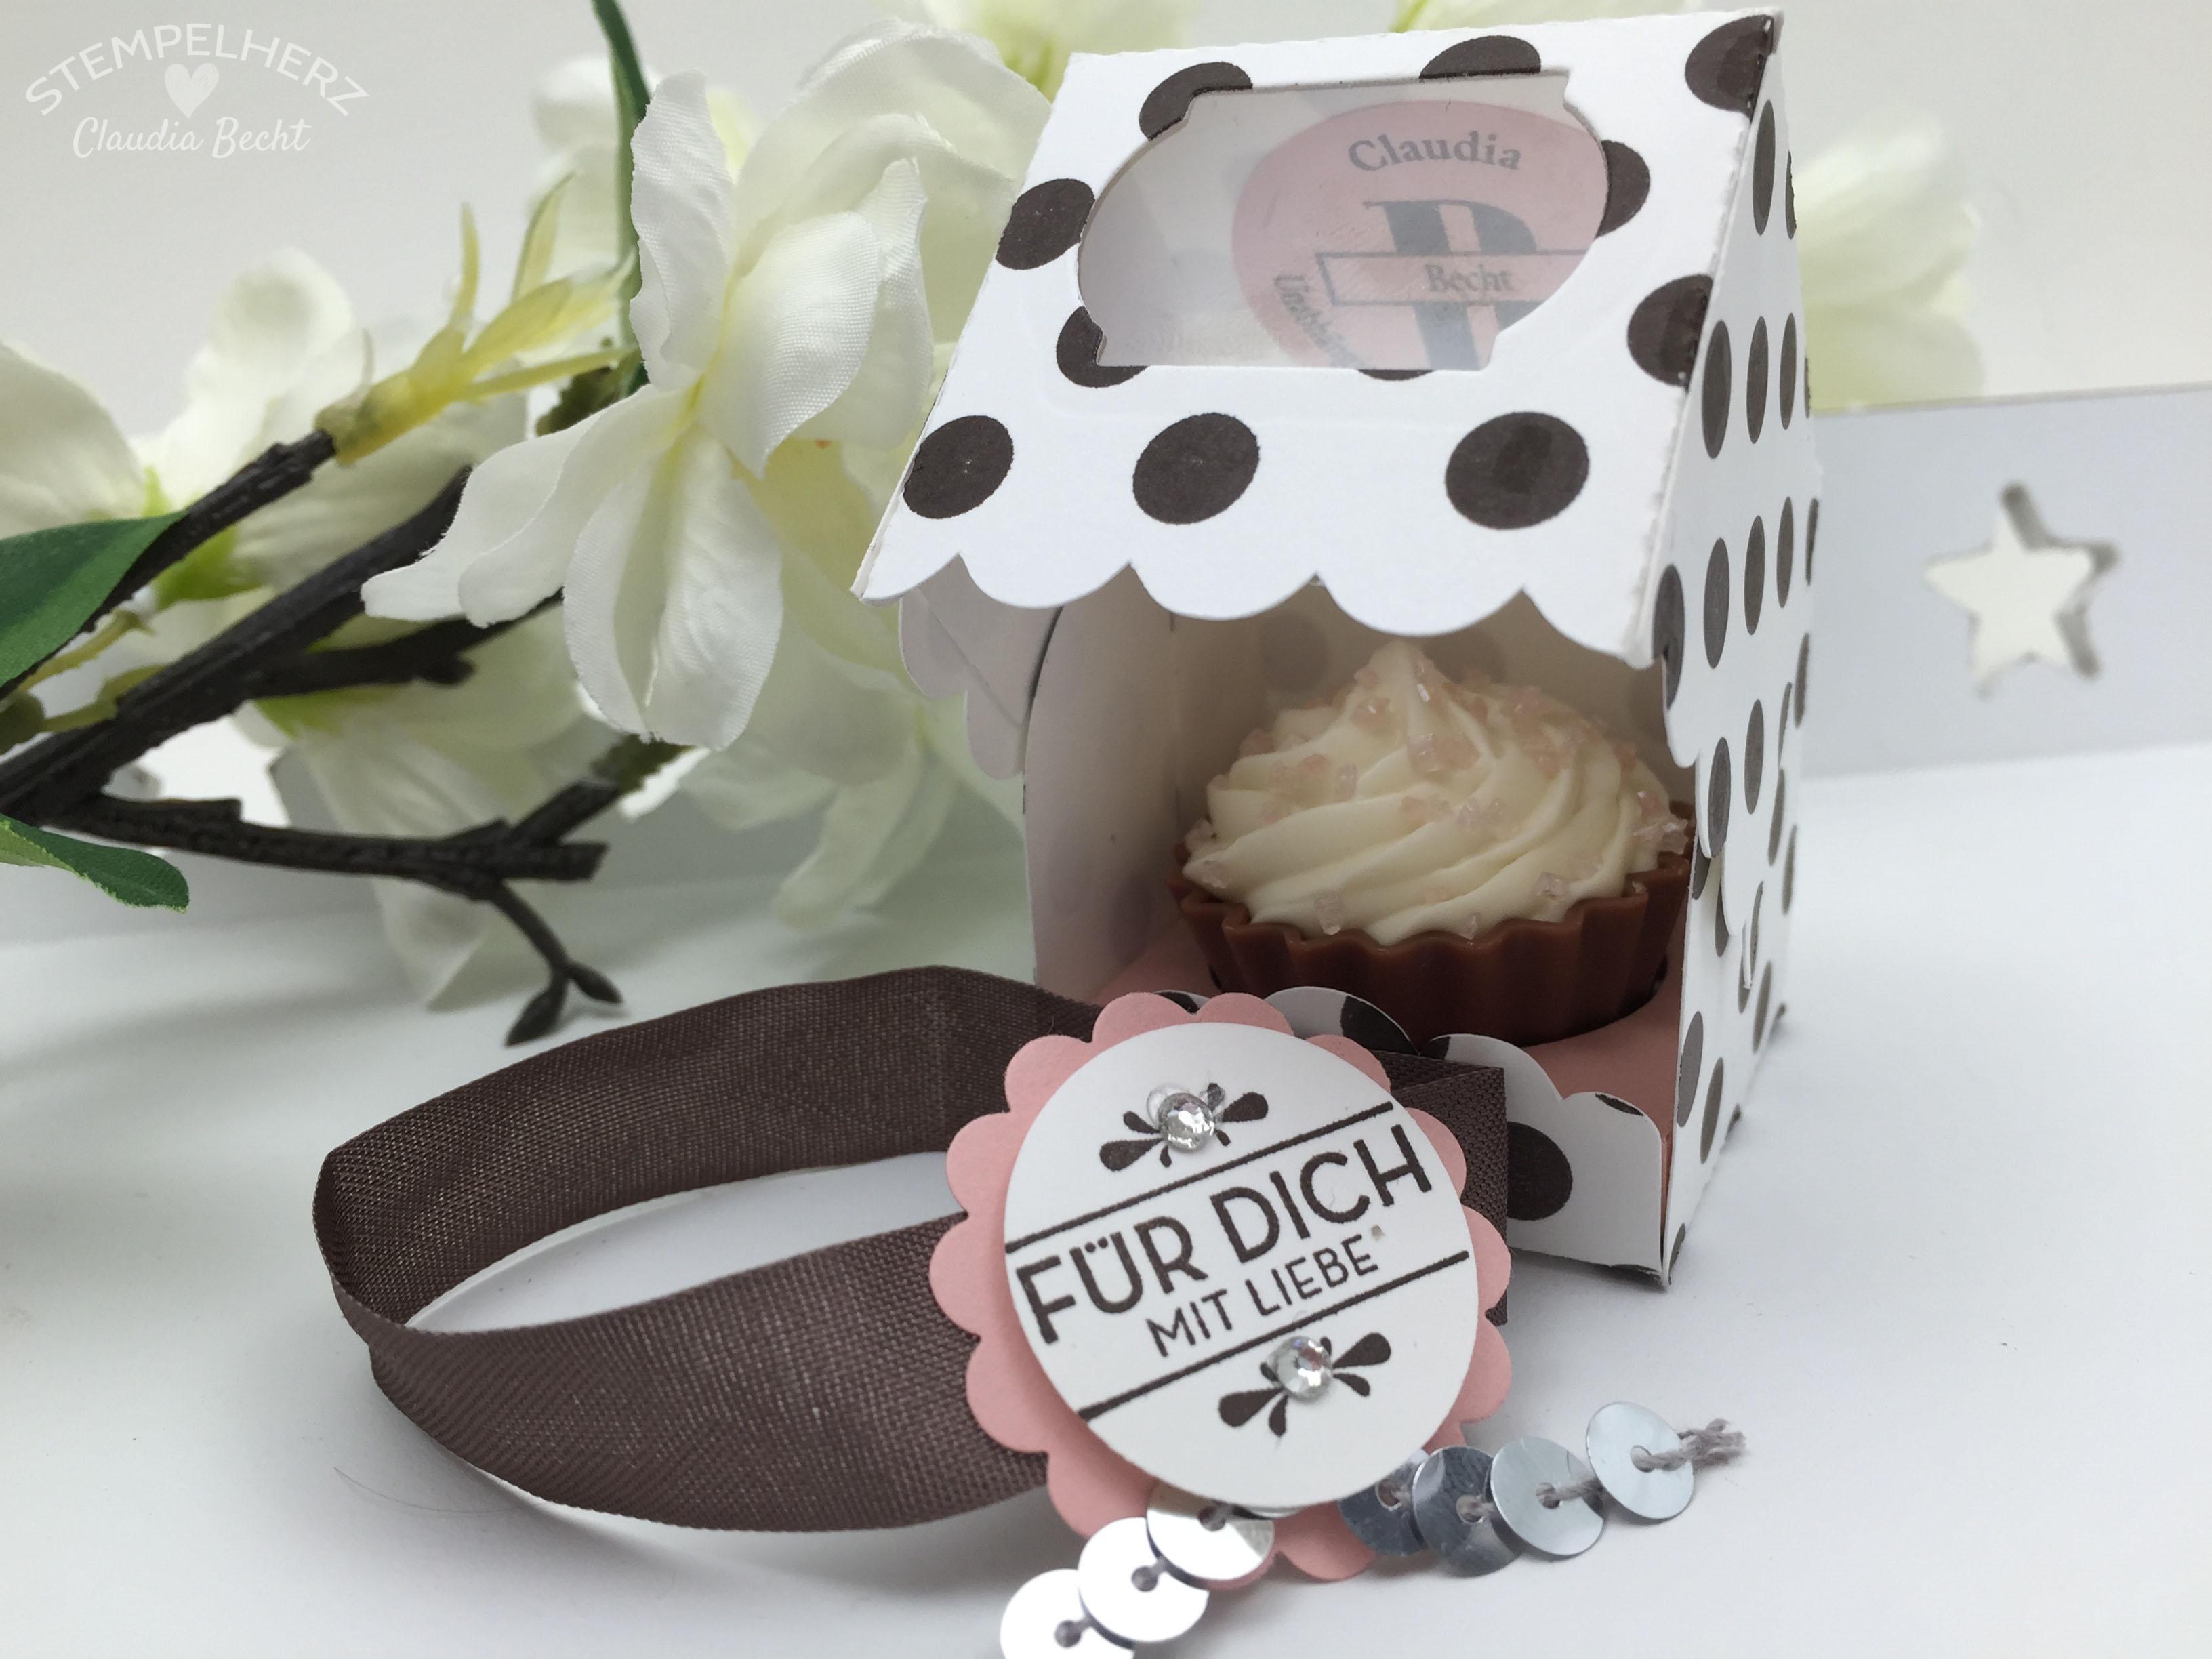 Stampin Up-Stempelherz-Verpackung-Box-Cupcakeverpackung-Cupcake-Hausgemachte Leckerbissen-Pralinenschachtel-Cupcakepralinen-Verpackung 03